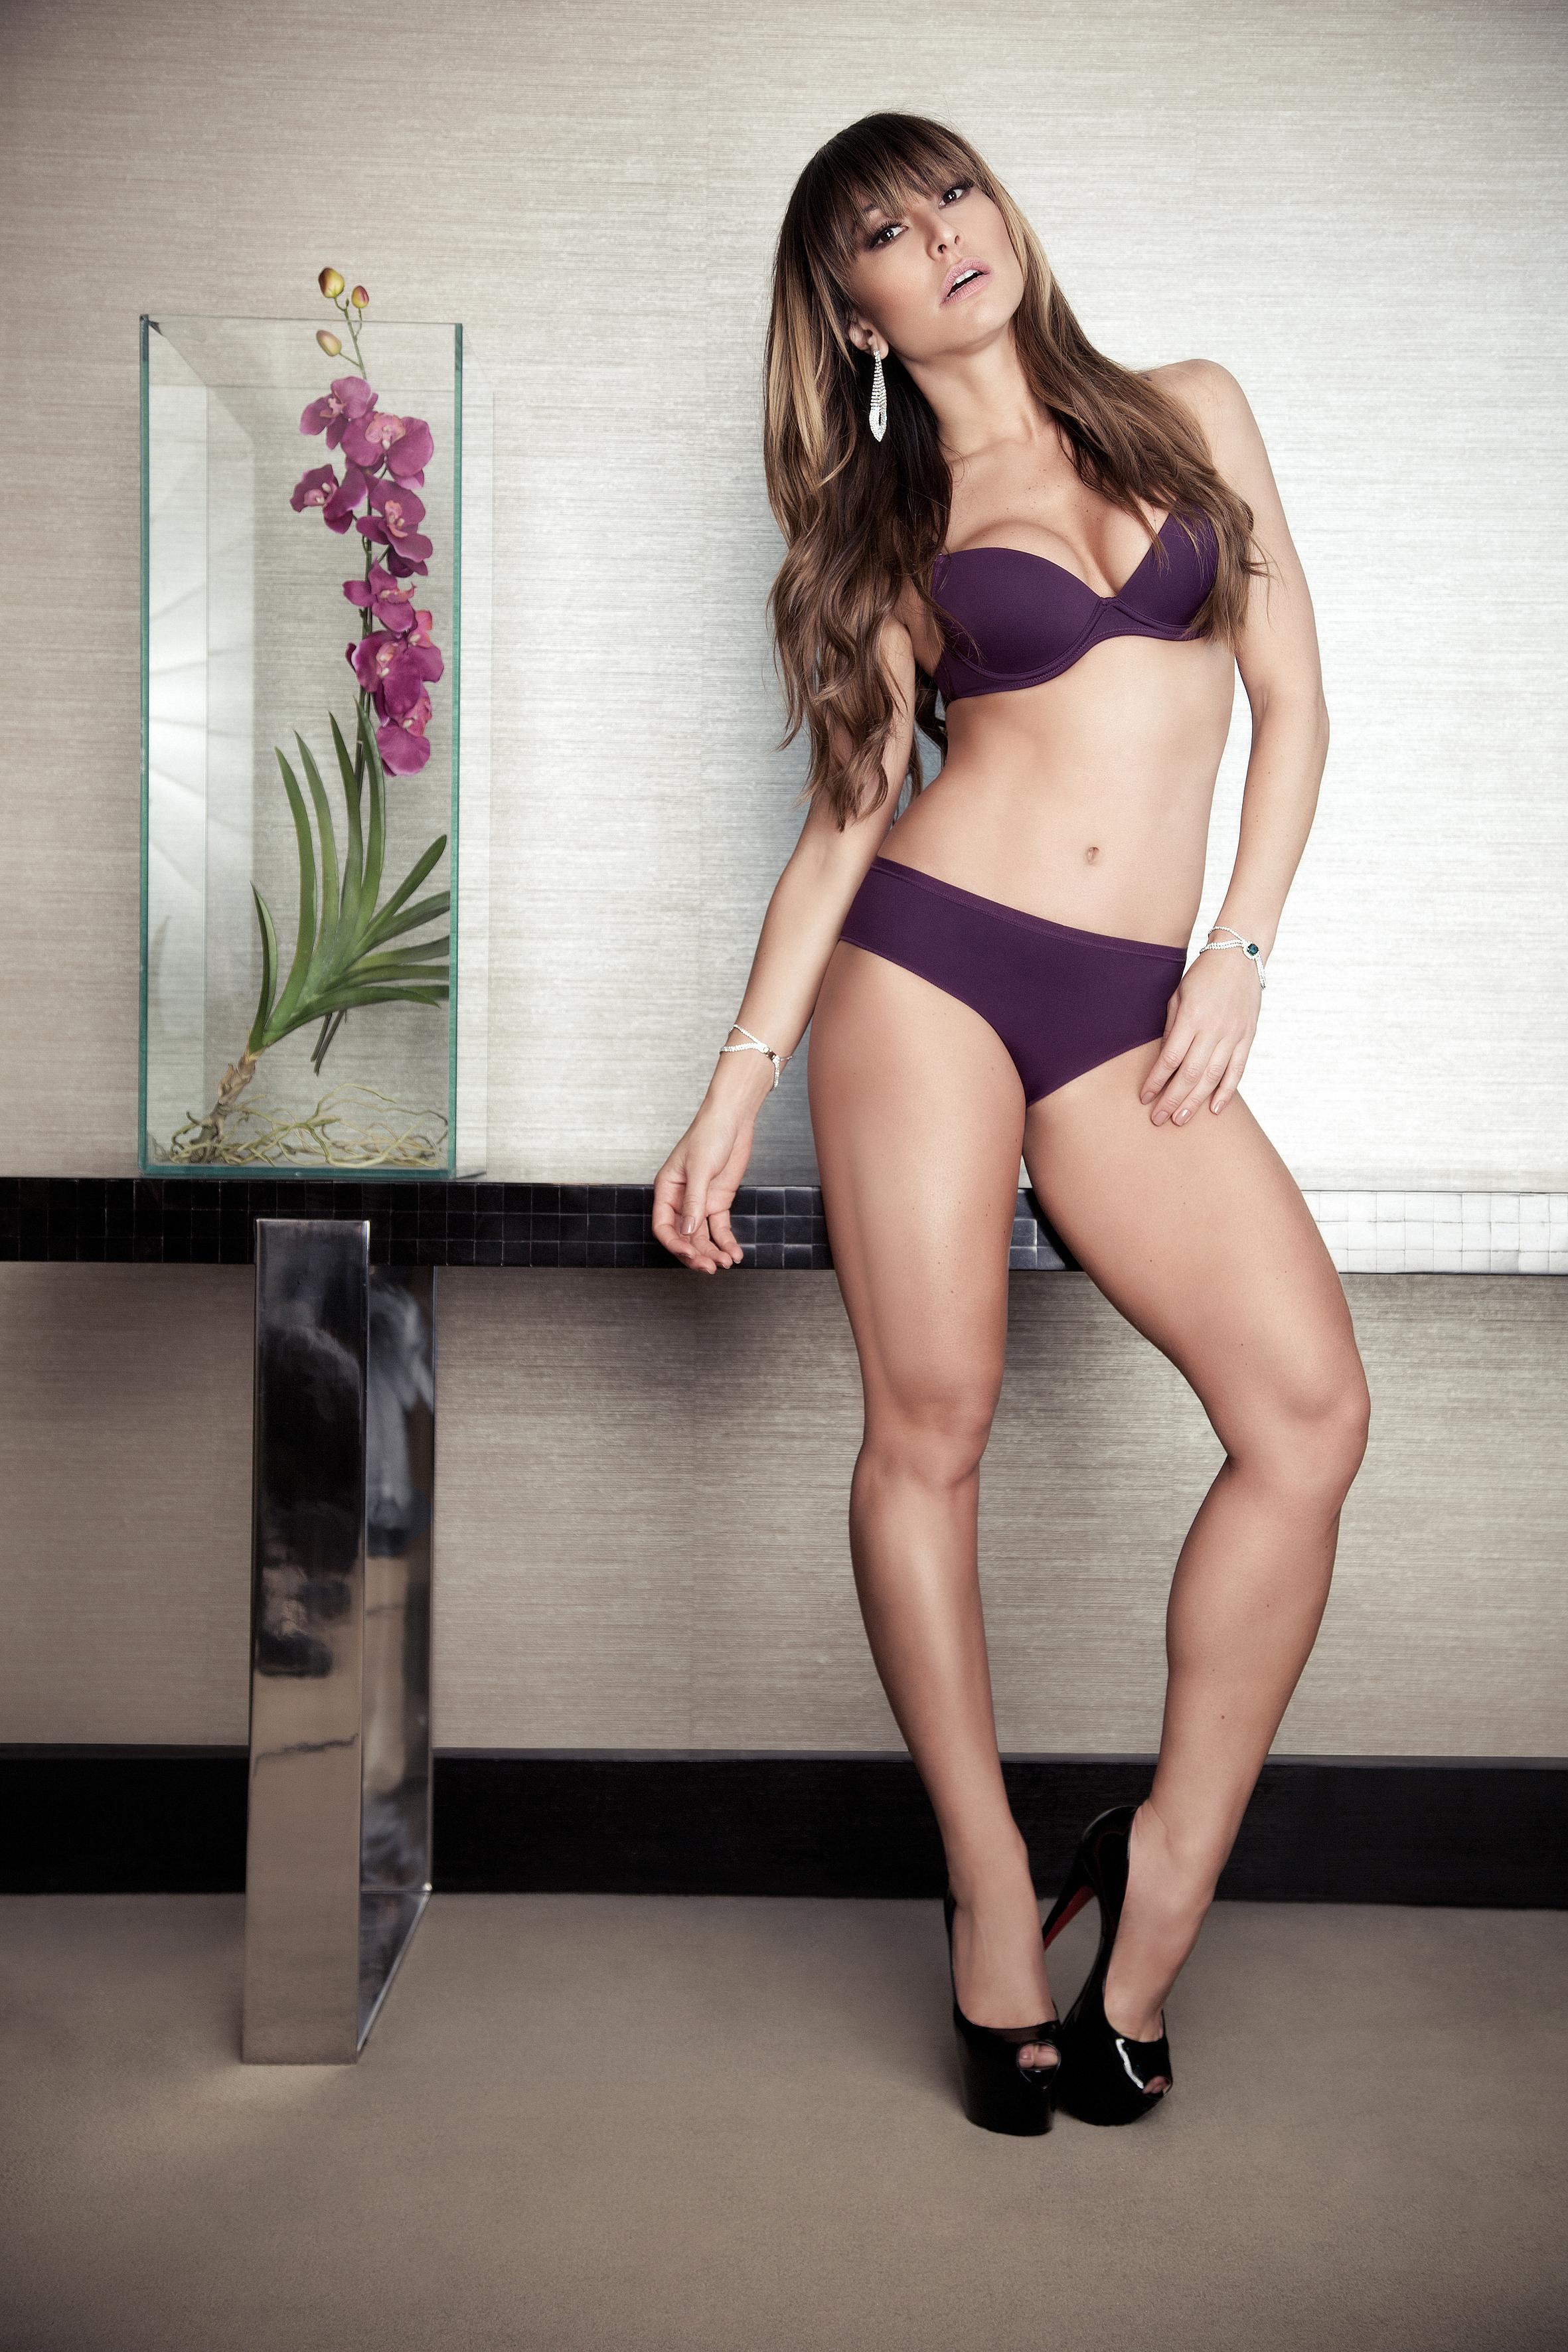 4390c3ab147b3 Pela primeira vez na carreira, Sabrina Sato fotografa campanha de lingerie  - Fotos - R7 Moda